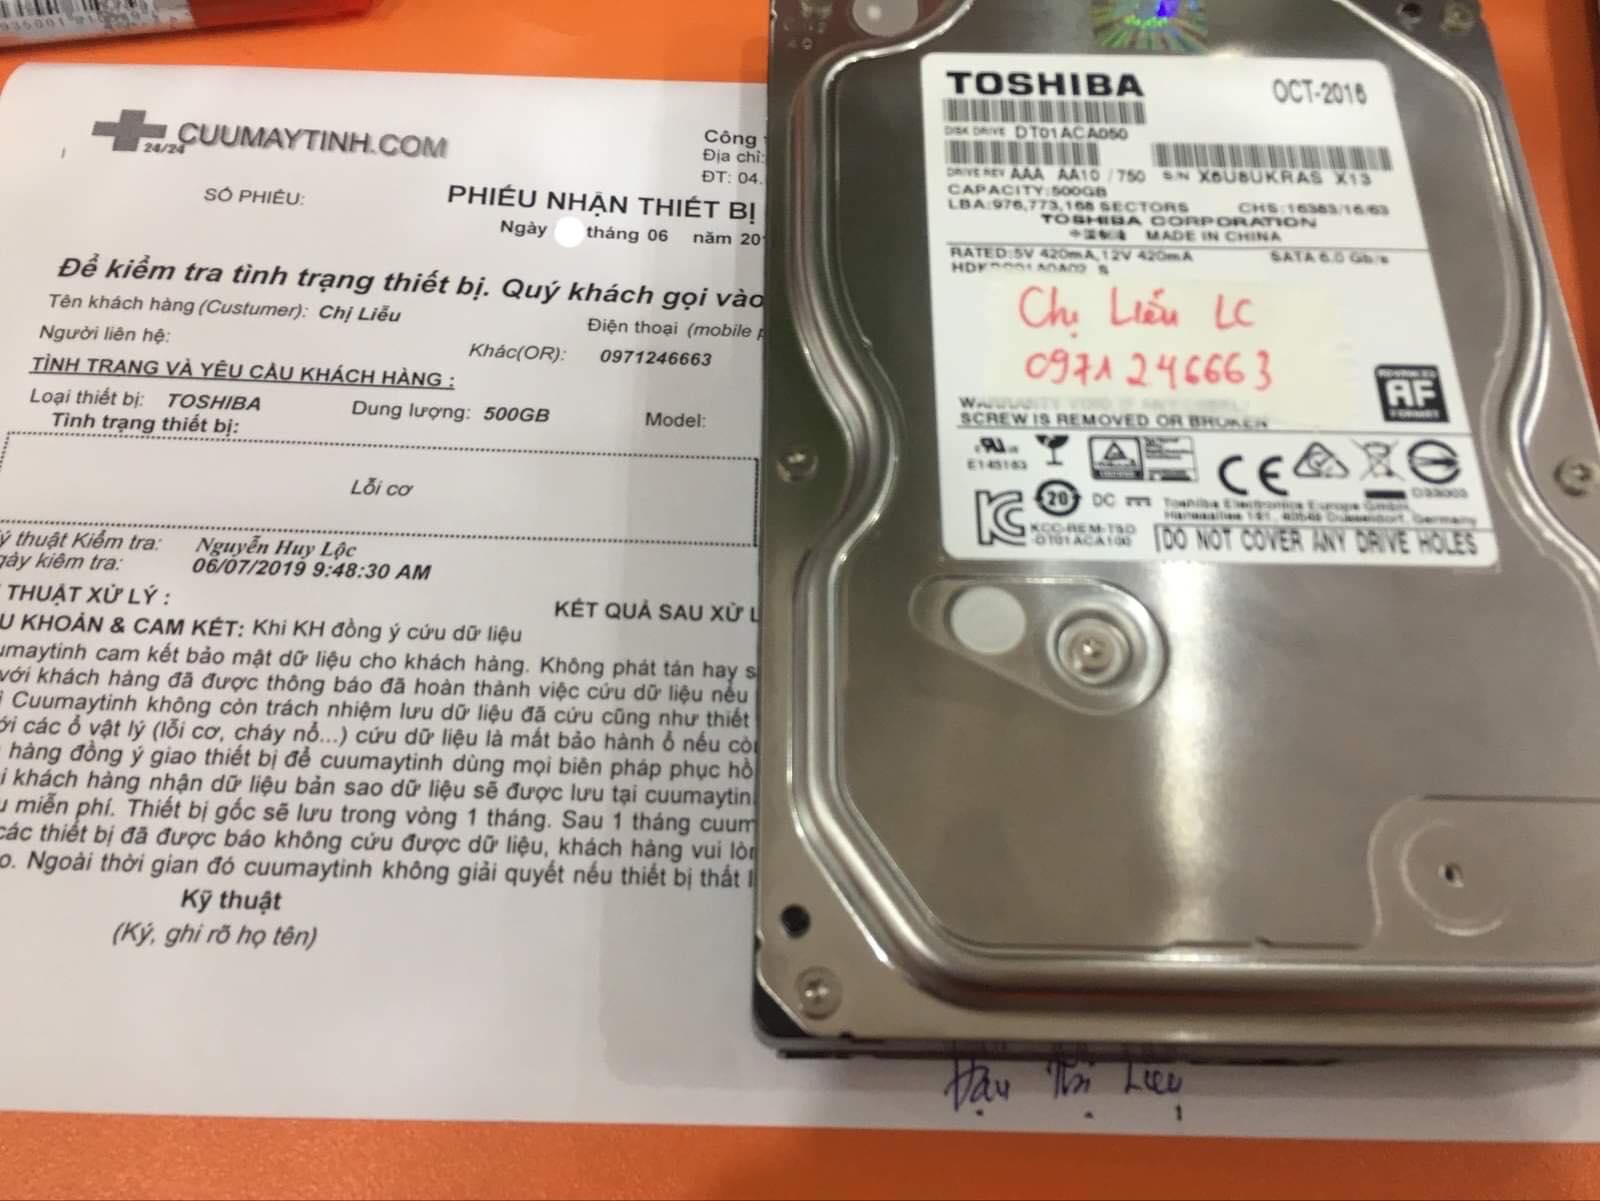 Khôi phục dữ liệu ổ cứng Toshiba 500GB lỗi cơ  08/06/2019 - cuumaytinh